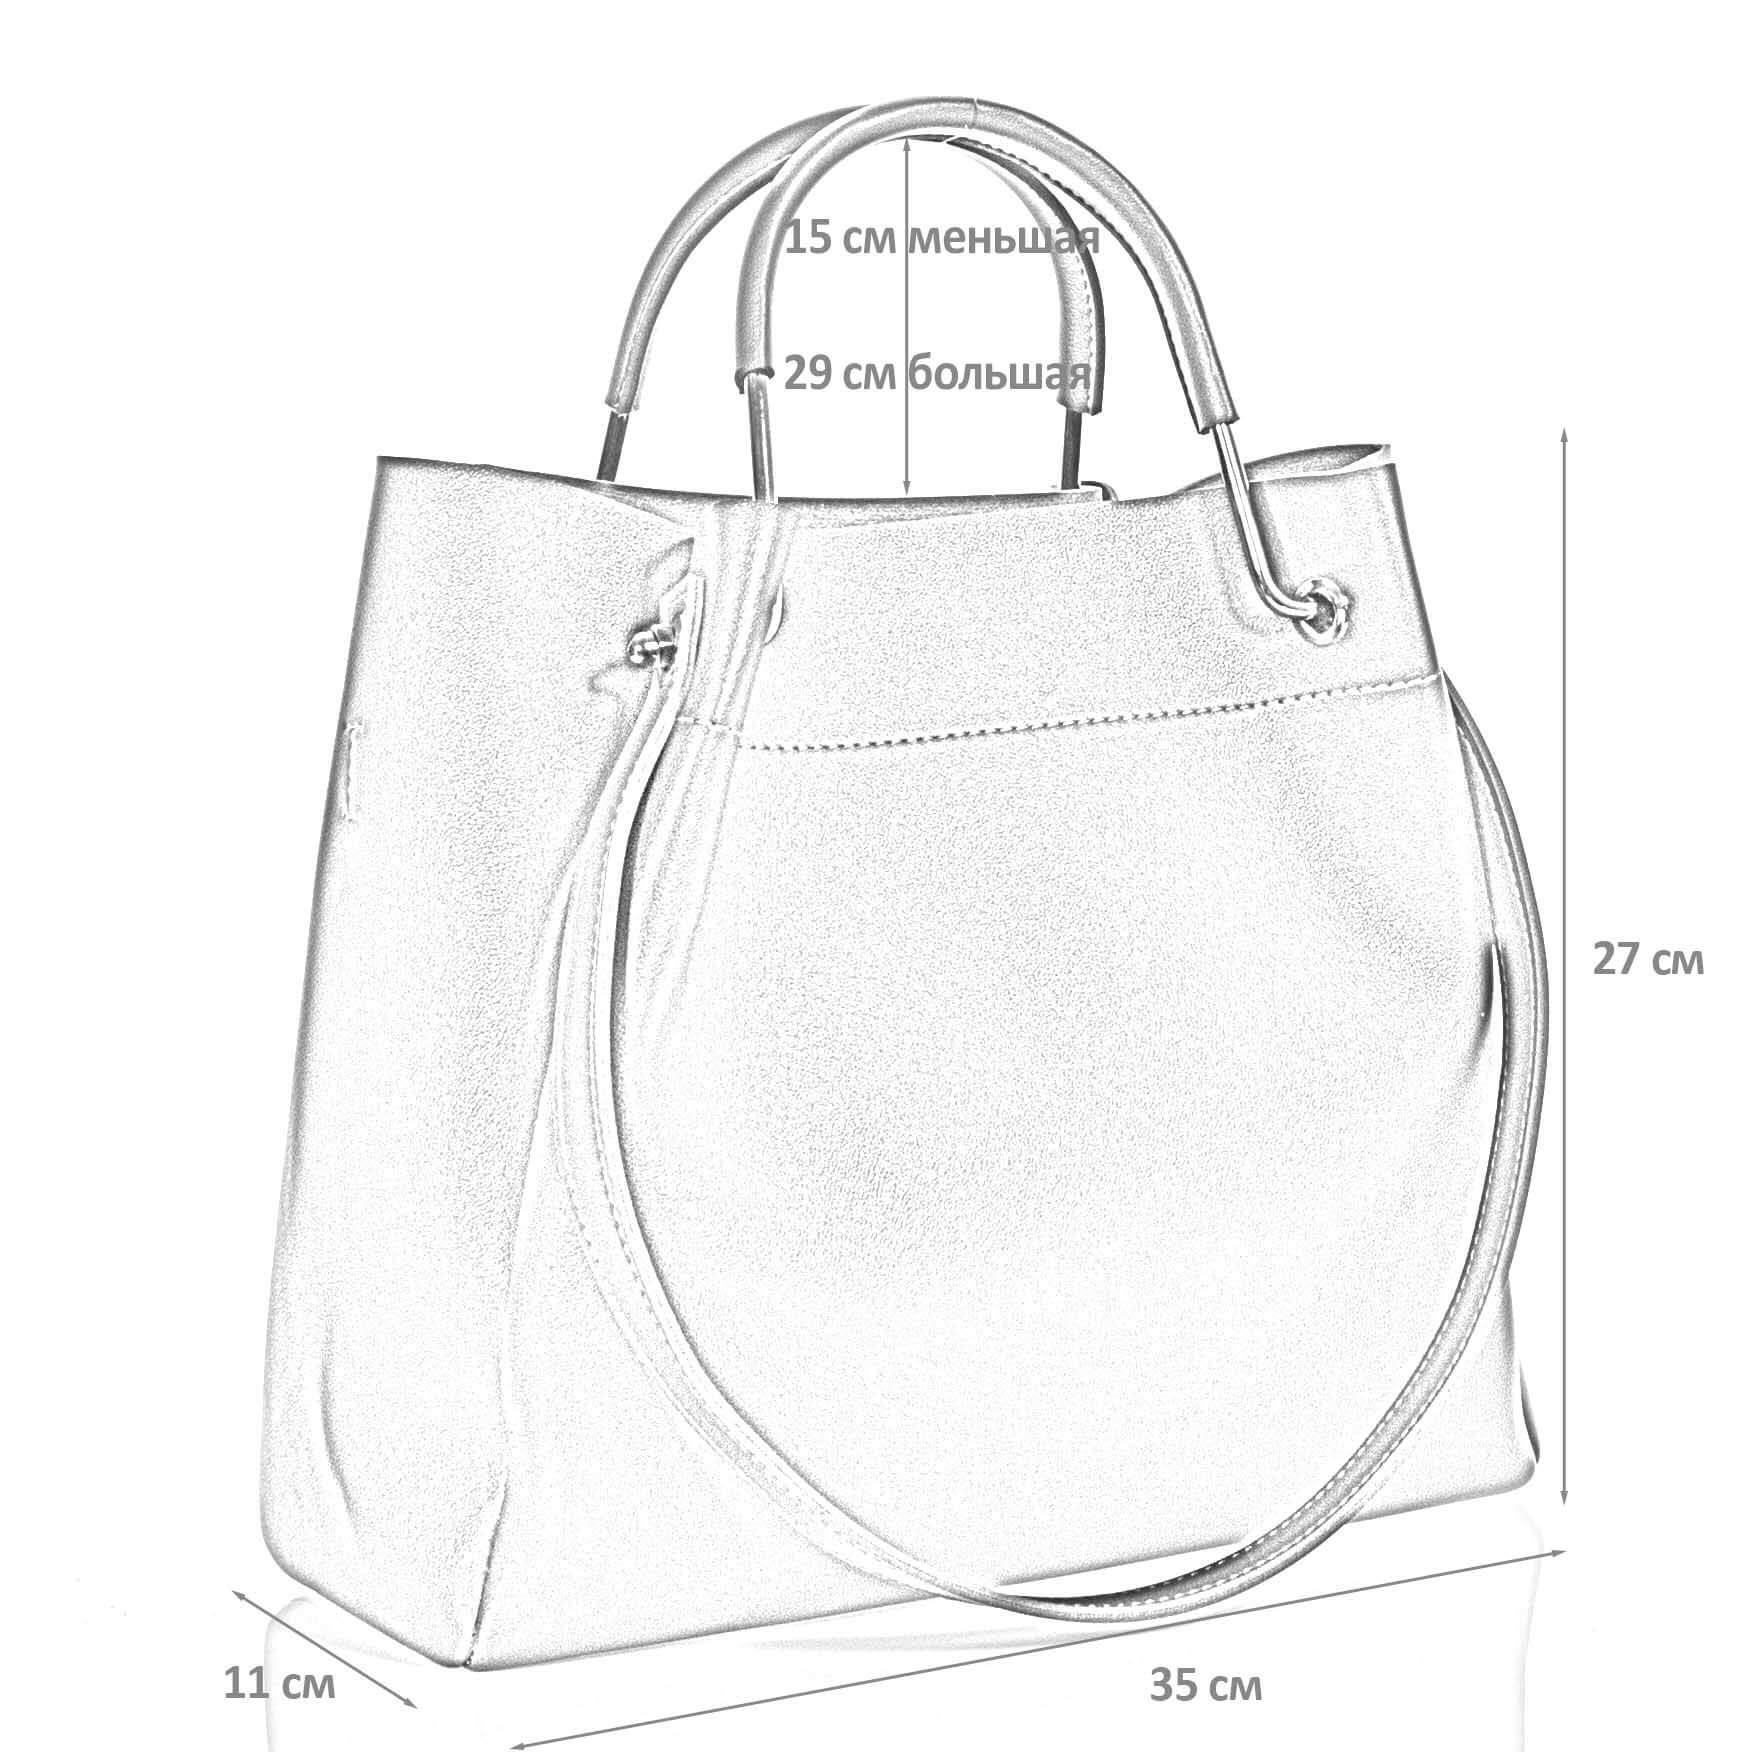 Размеры женской сумки из эко кожи Анюта